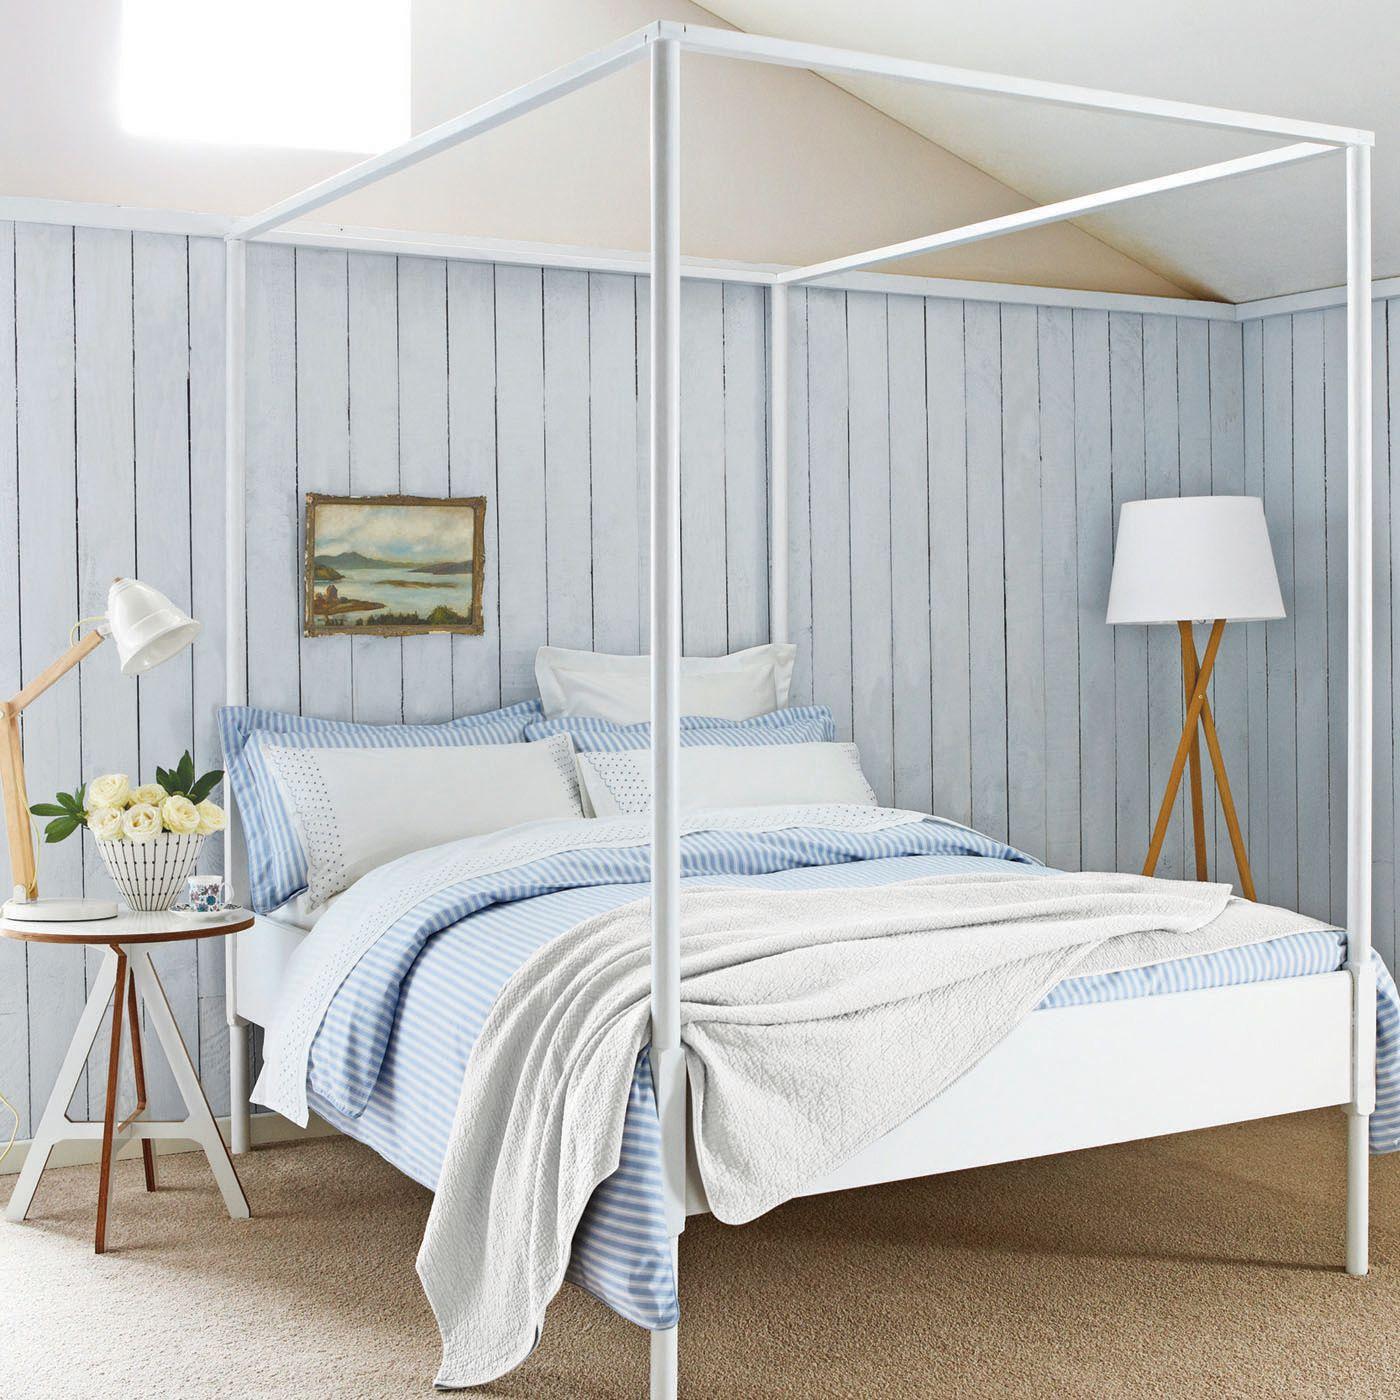 bed linen Bedroom color schemes, Beautiful bedroom